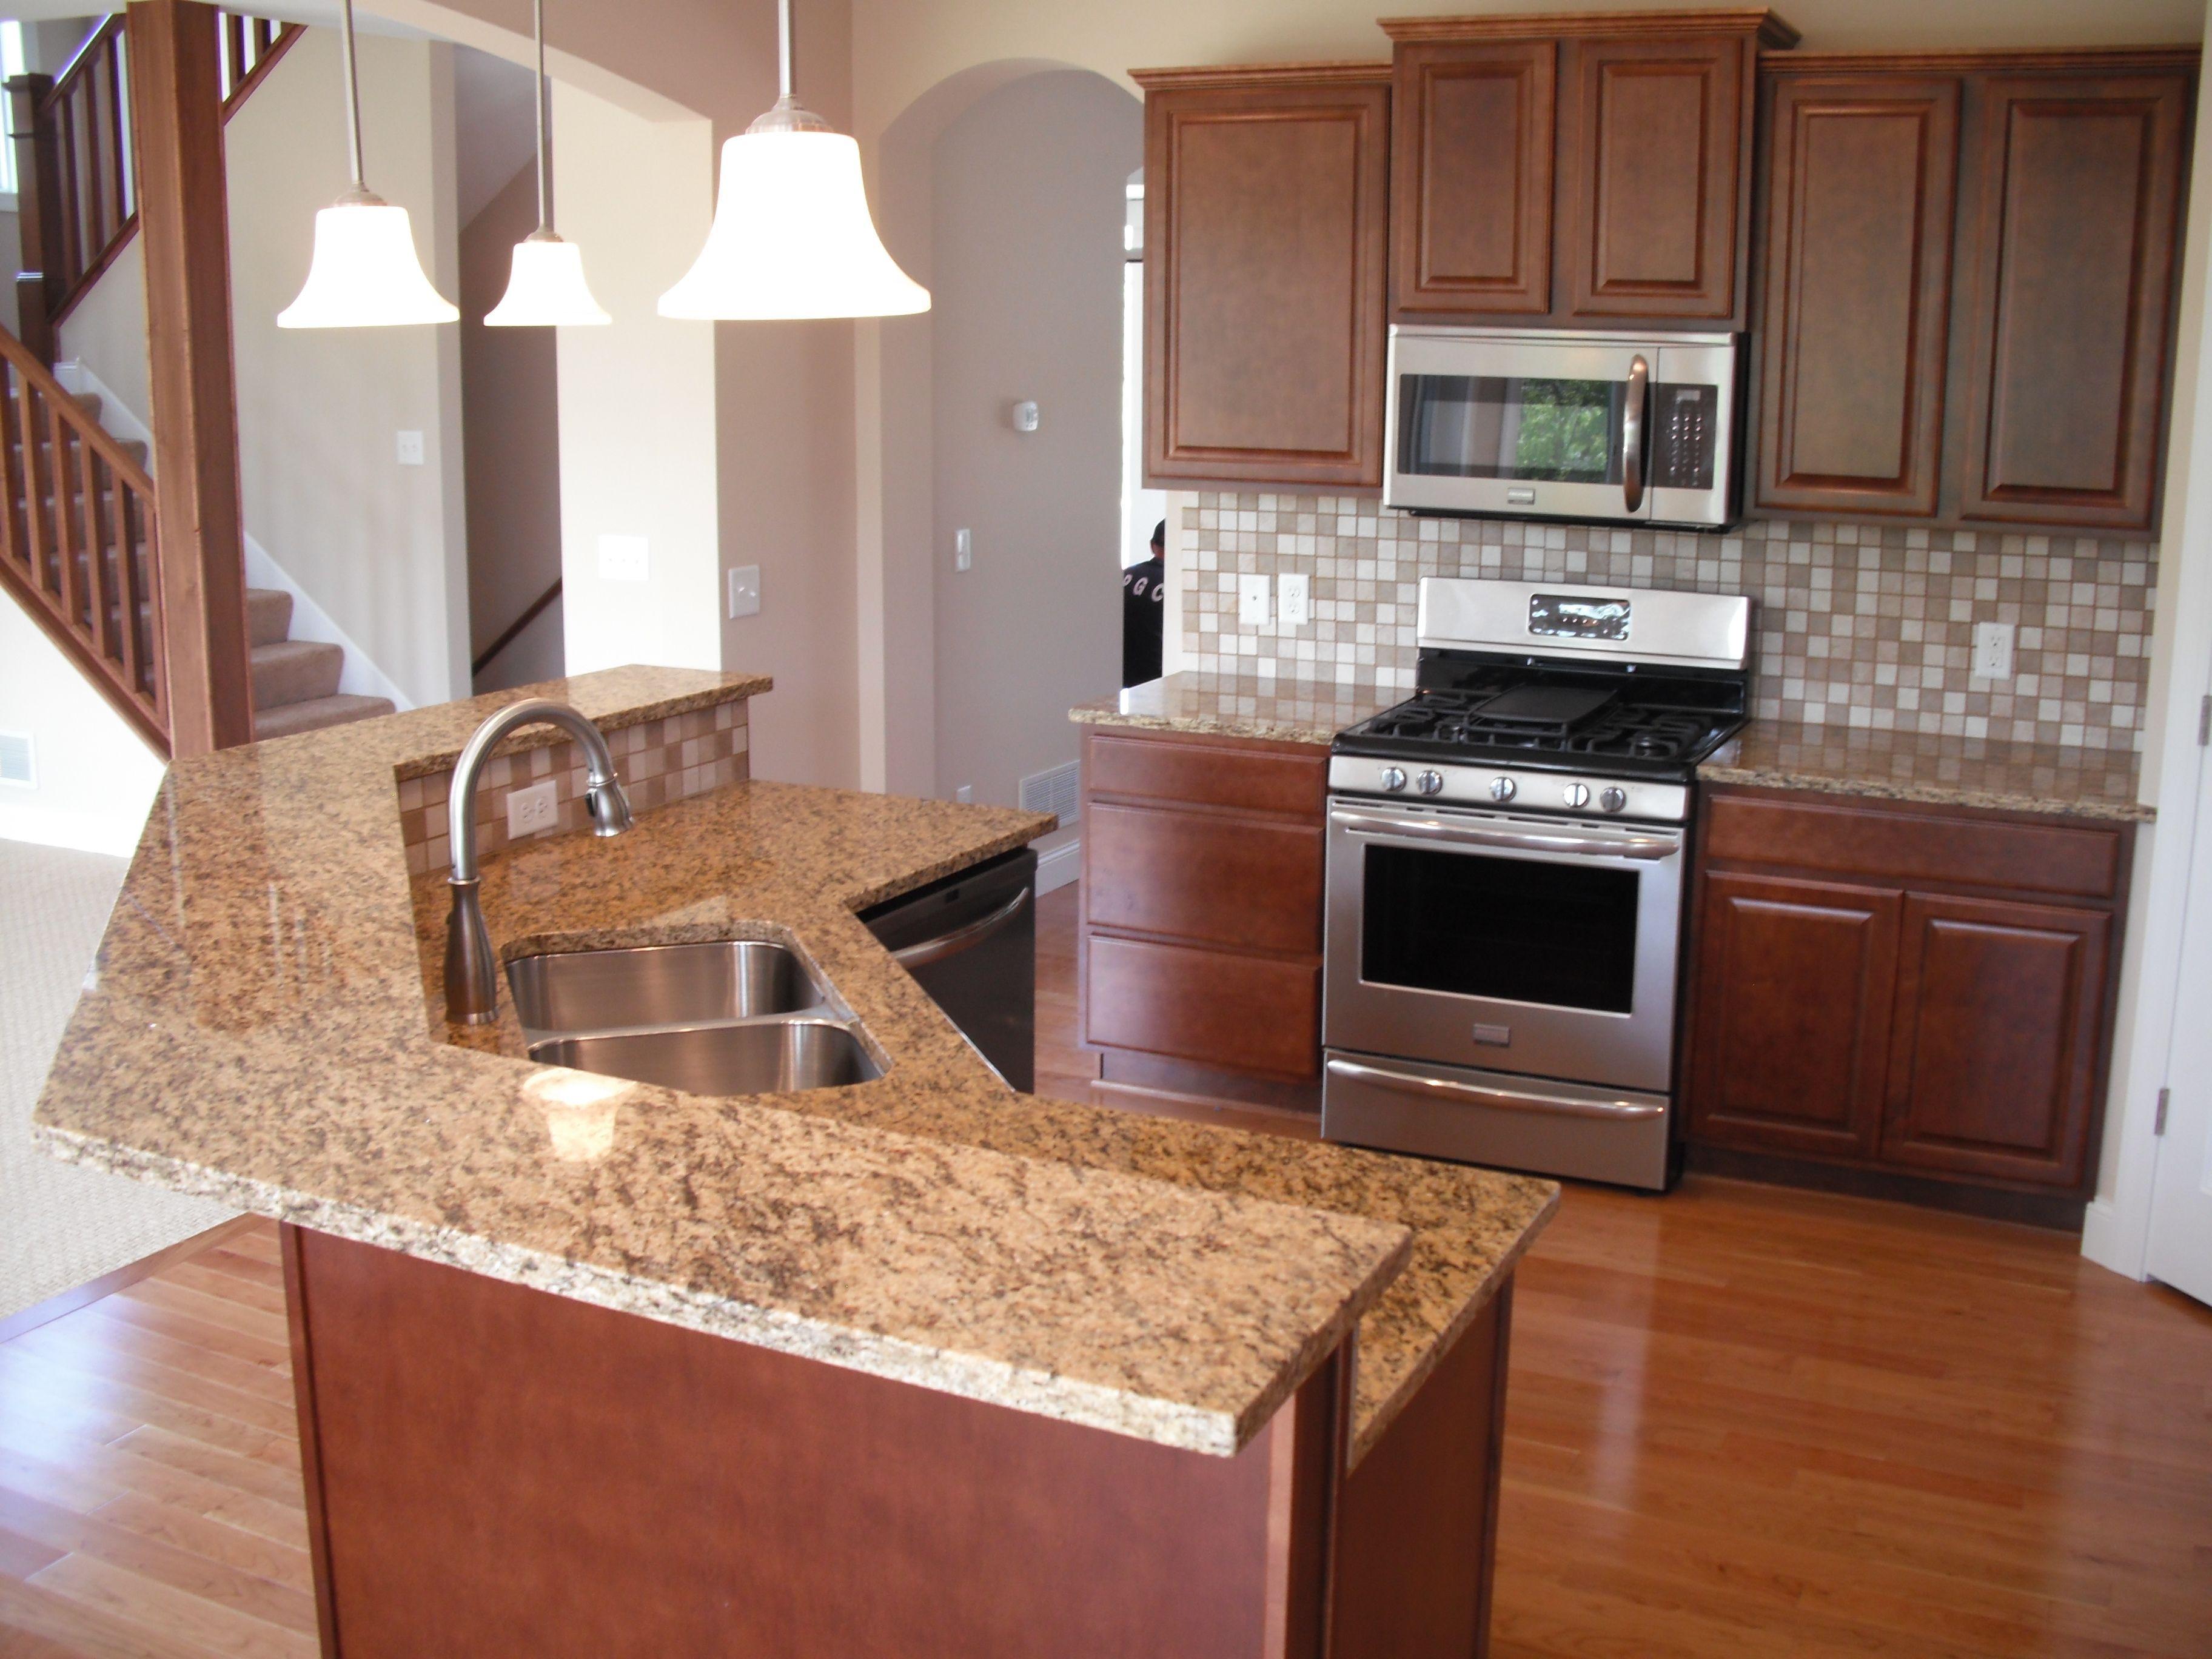 Two Tier Kitchen Island Ideas St Cecilia Dark 2 Tiered Granite Island Kitchen Island With Sink Curved Kitchen Kitchen Layout